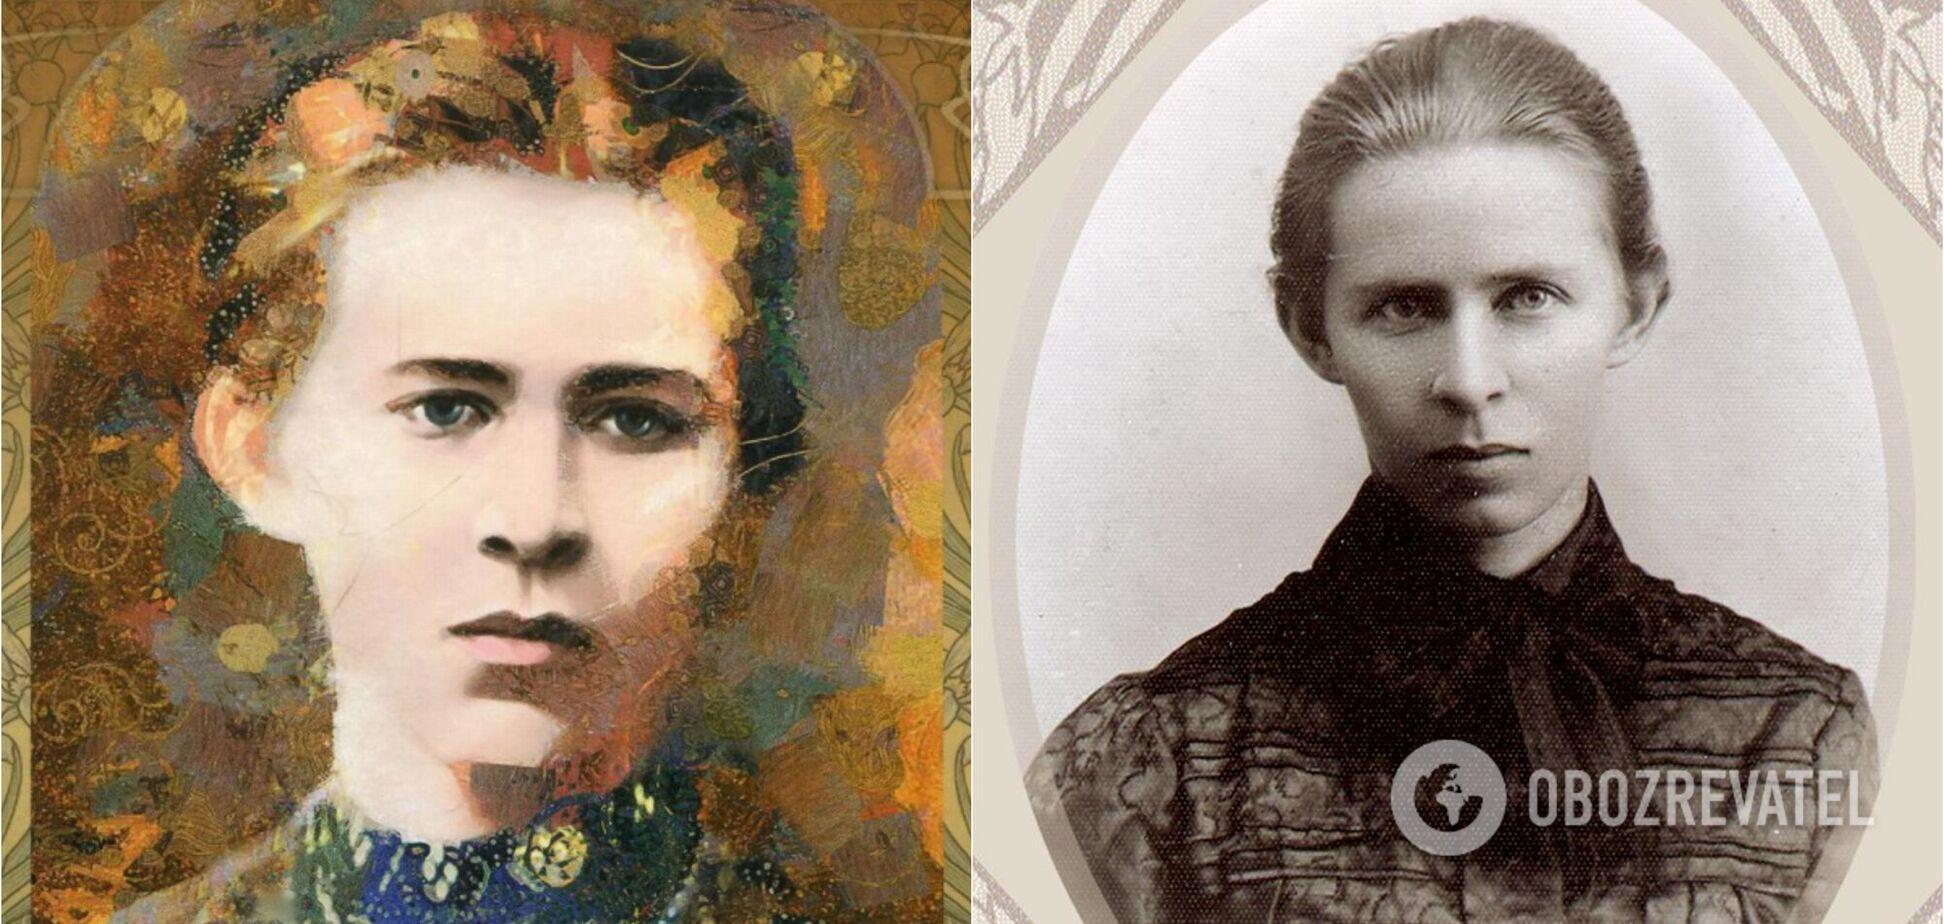 Леся Українка народилася 150 років тому: важка хвороба, одностатева любов і подробиці життя легендарної поетеси